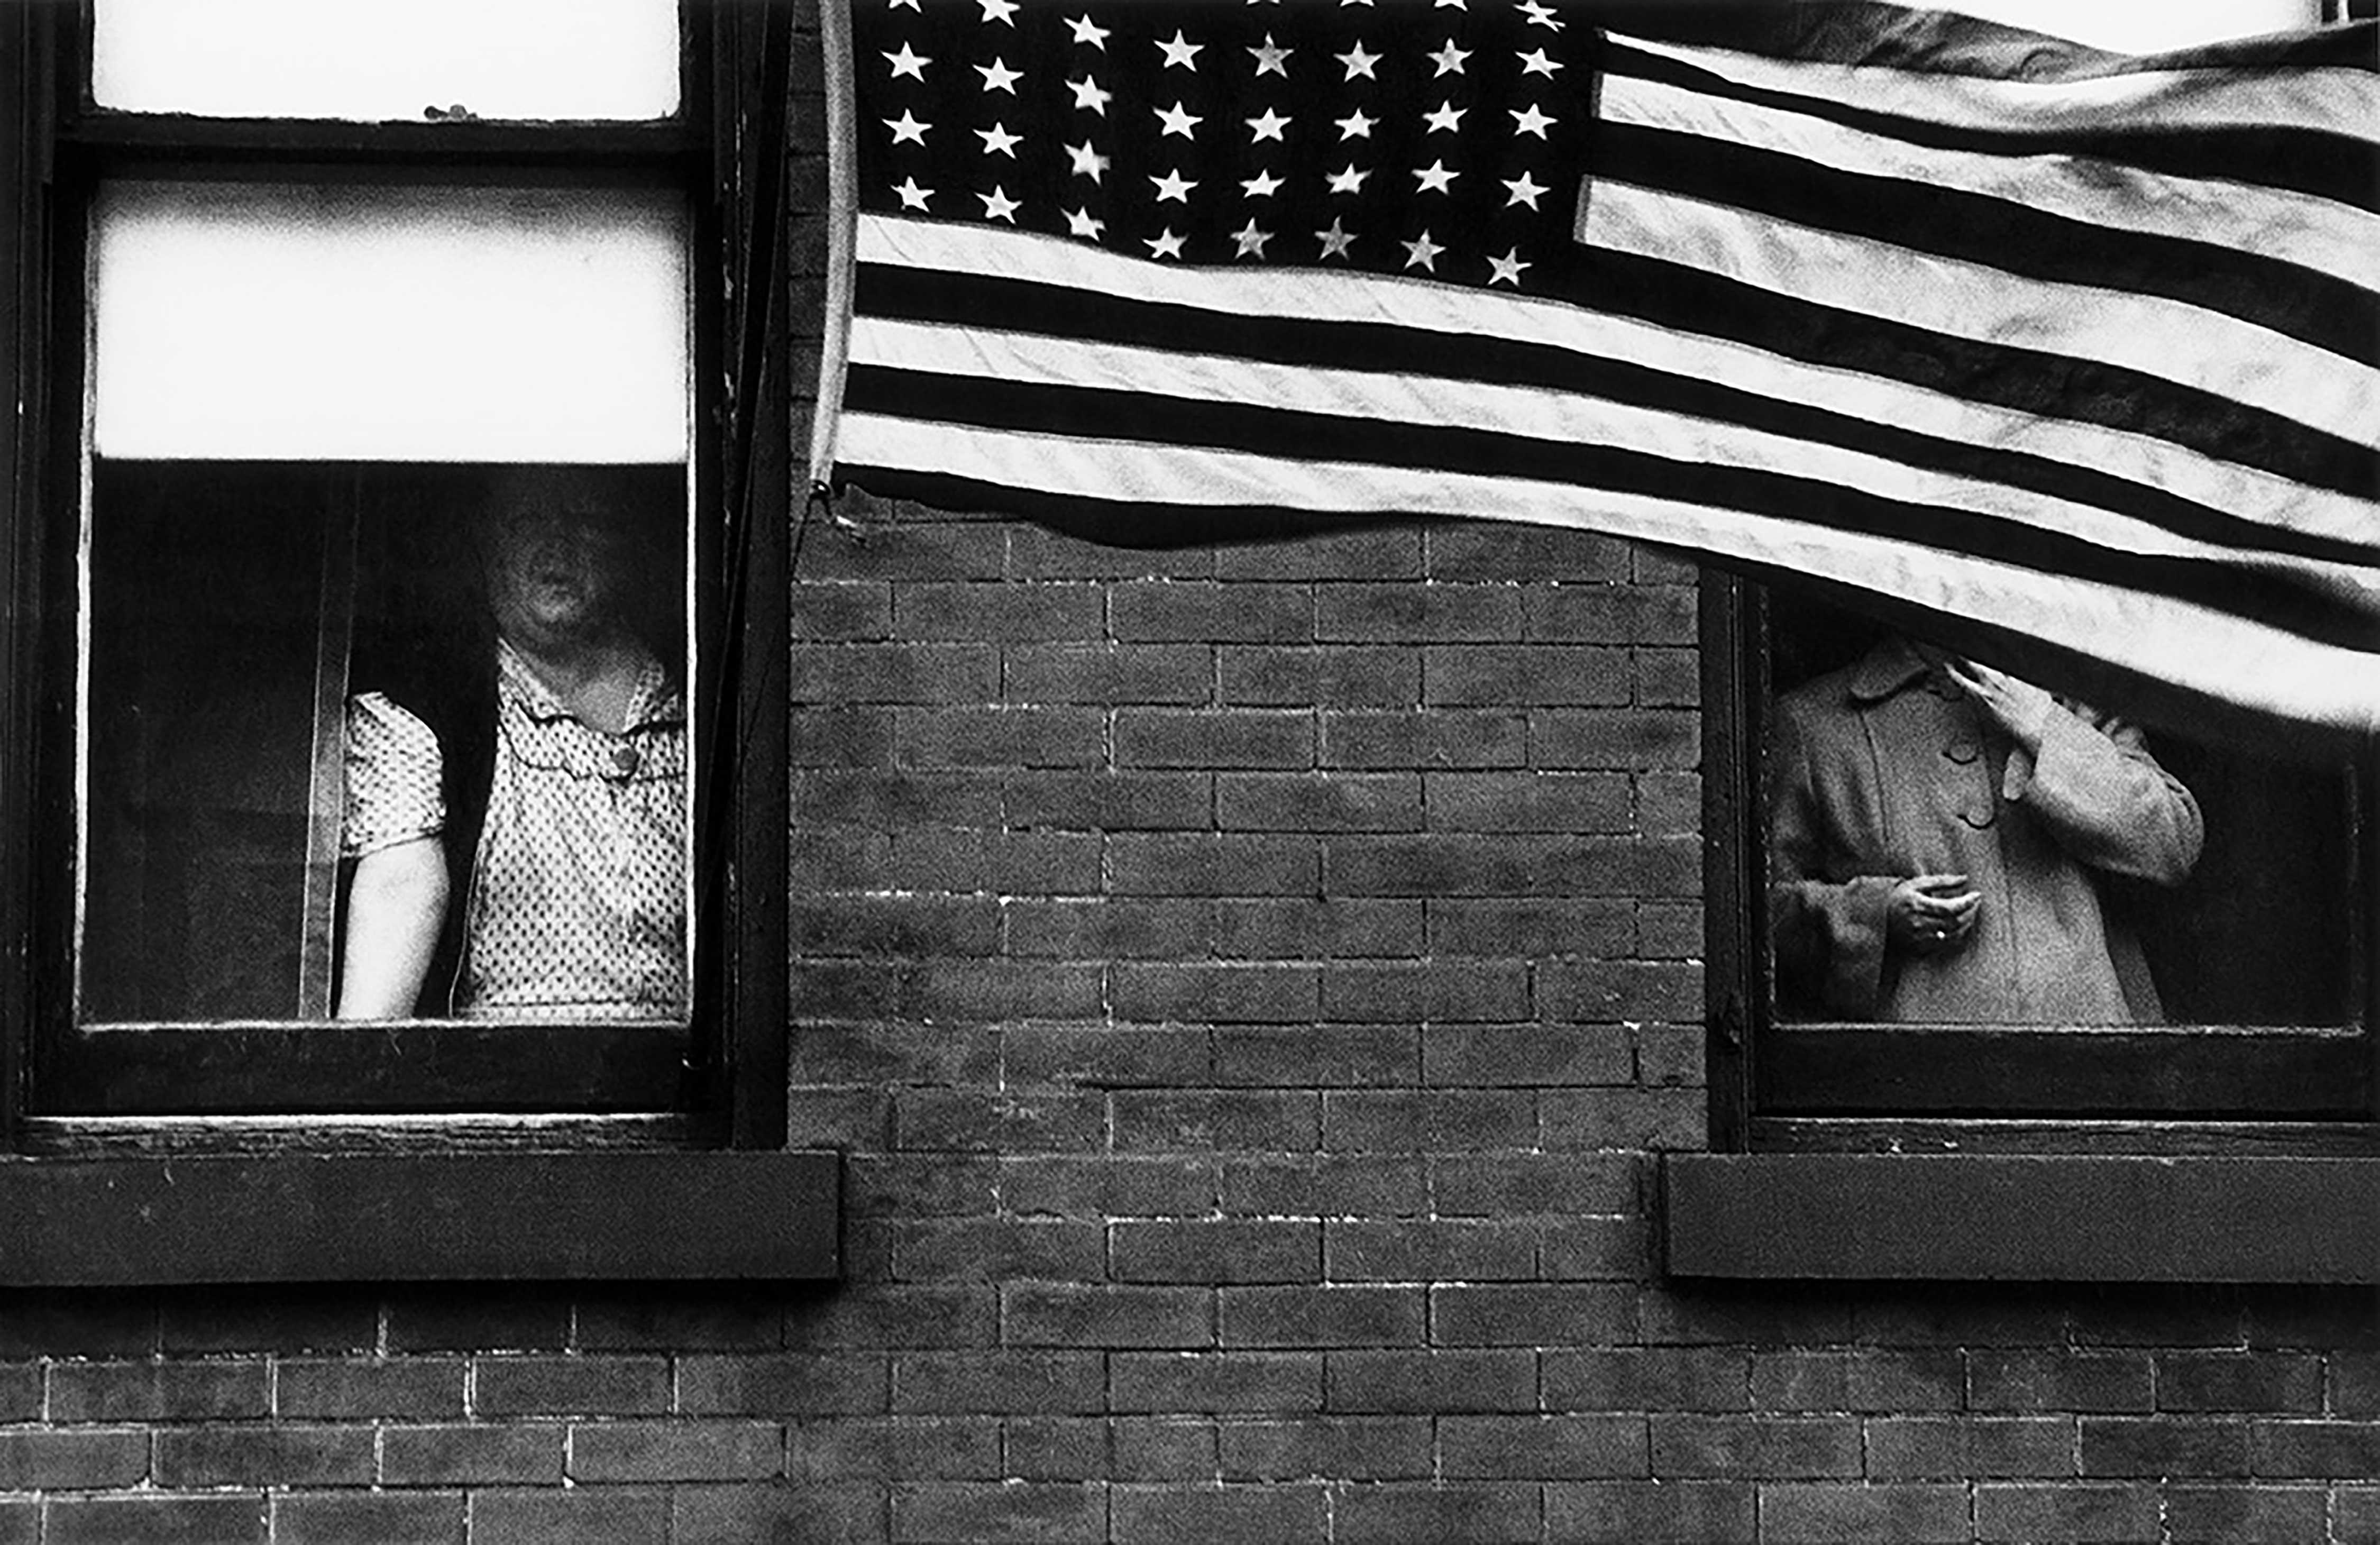 Fotos de Robert Frank integram exposição no Instituto Moreira Salles (IMS) e poderão ser vistas por educadores em encontro no dia 7 de outubro. (Crédito: Robert Frank, Parade - Hoboken, New Jersey, from the book The Americans © Robert Frank)